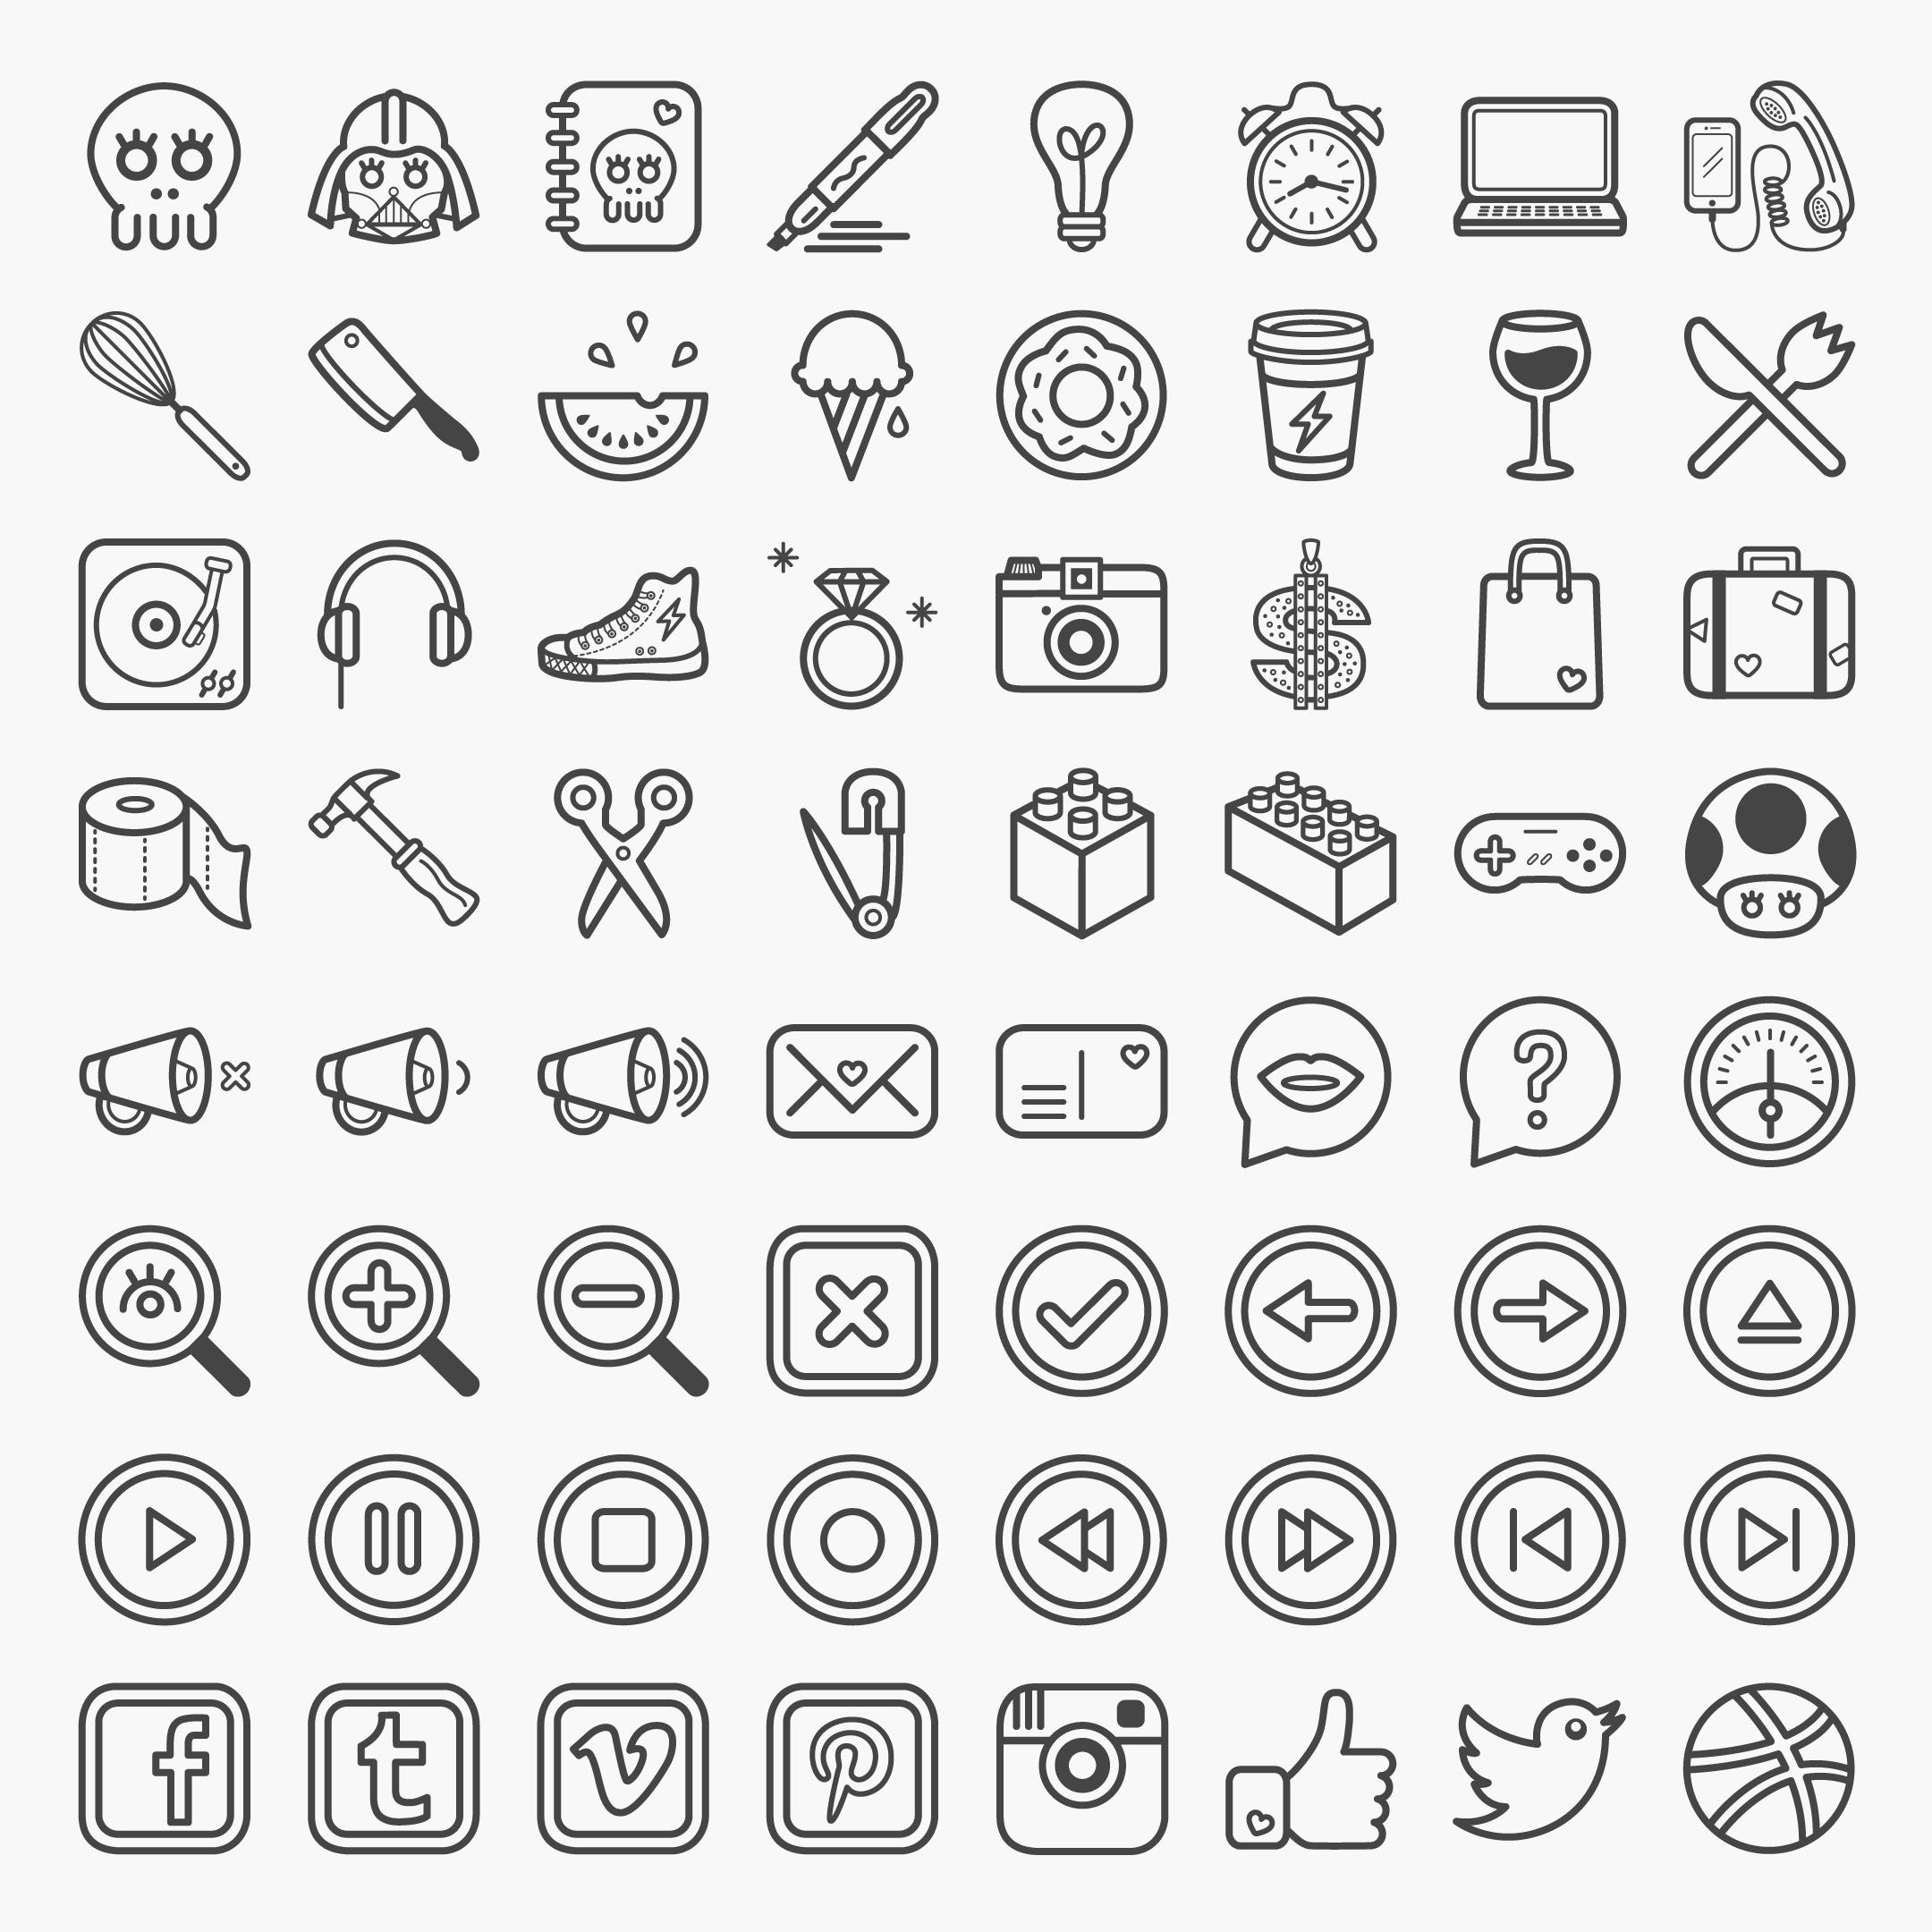 производства наборы иконок и картинок спасибо